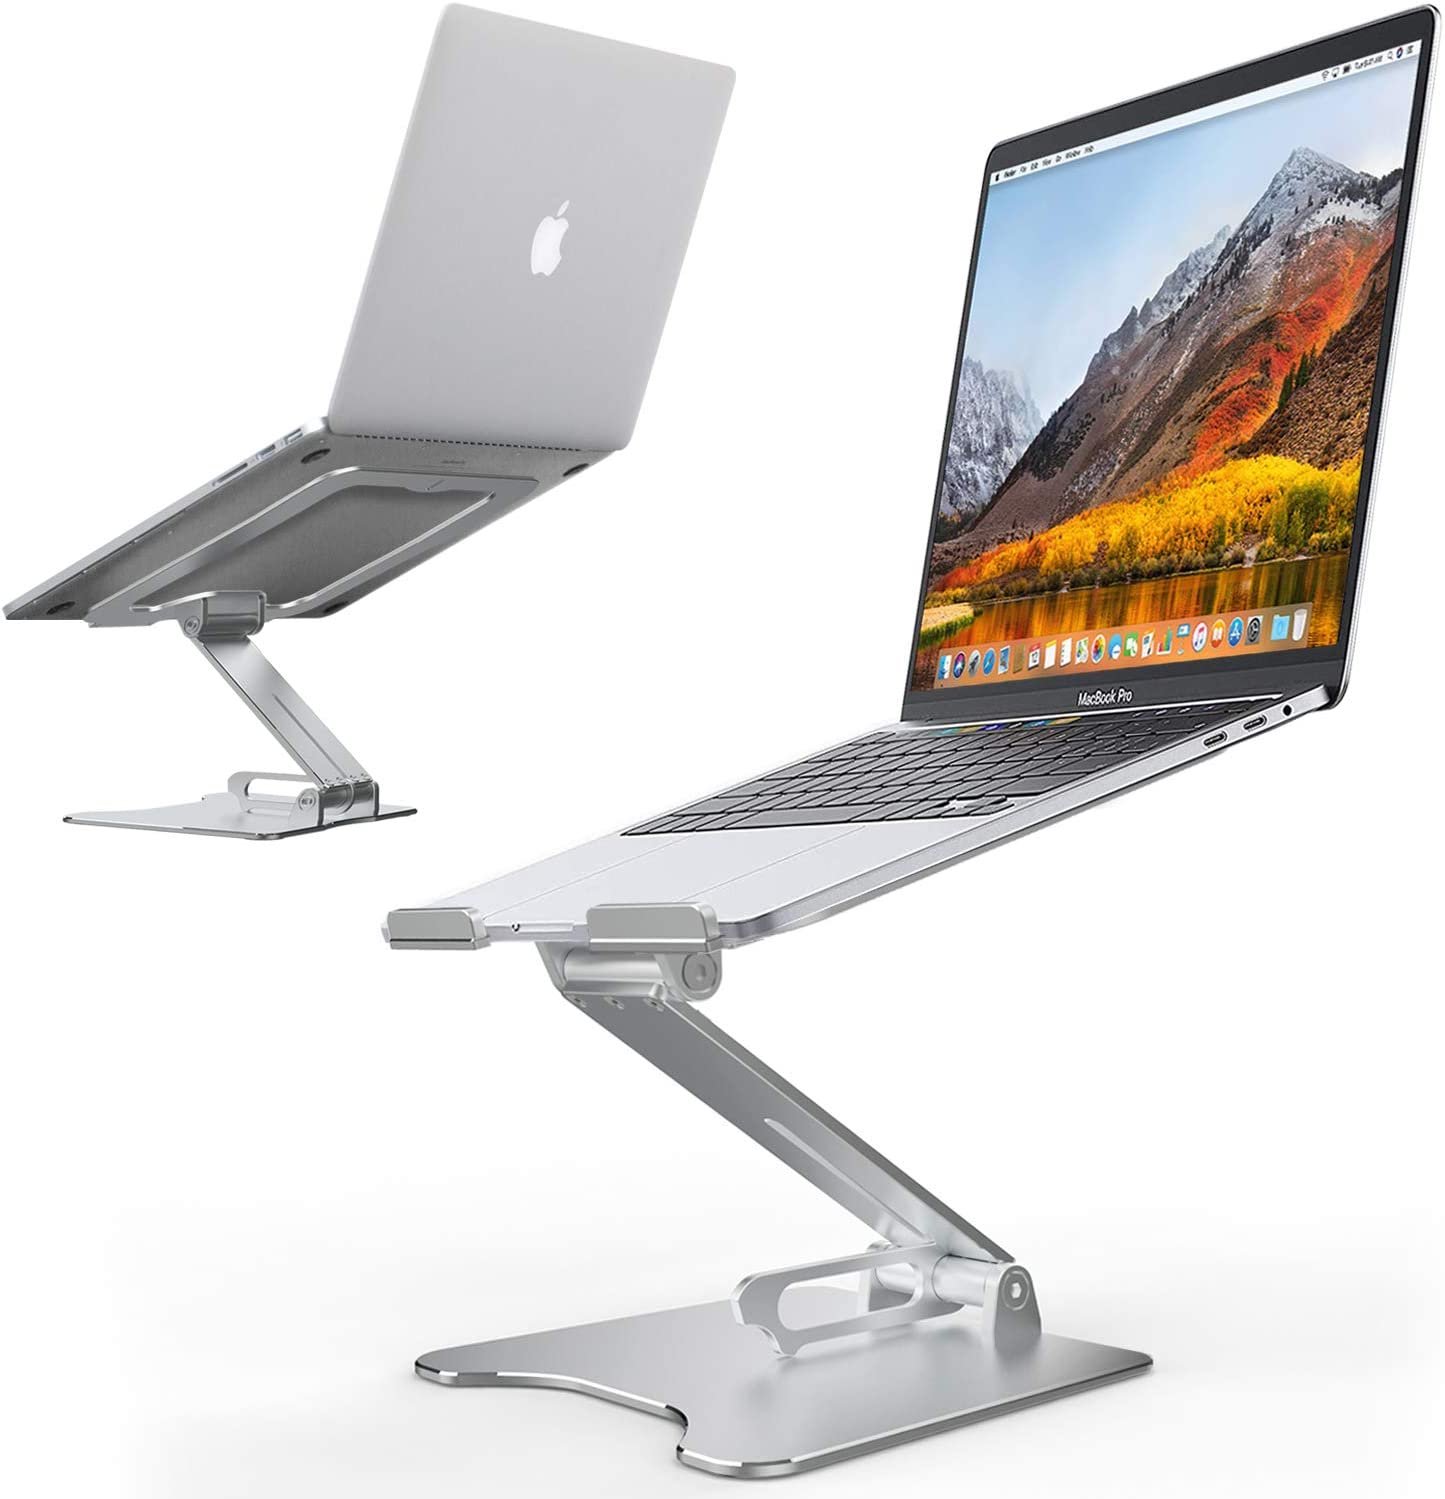 Soporte para ordenador portátil, ergonómico, plegable, de aluminio, multiángulo y altura ajustable, con gran ventilación de calor, compatible con MacBook Pro, Dell, HP, más portátiles de 8 a 15,6